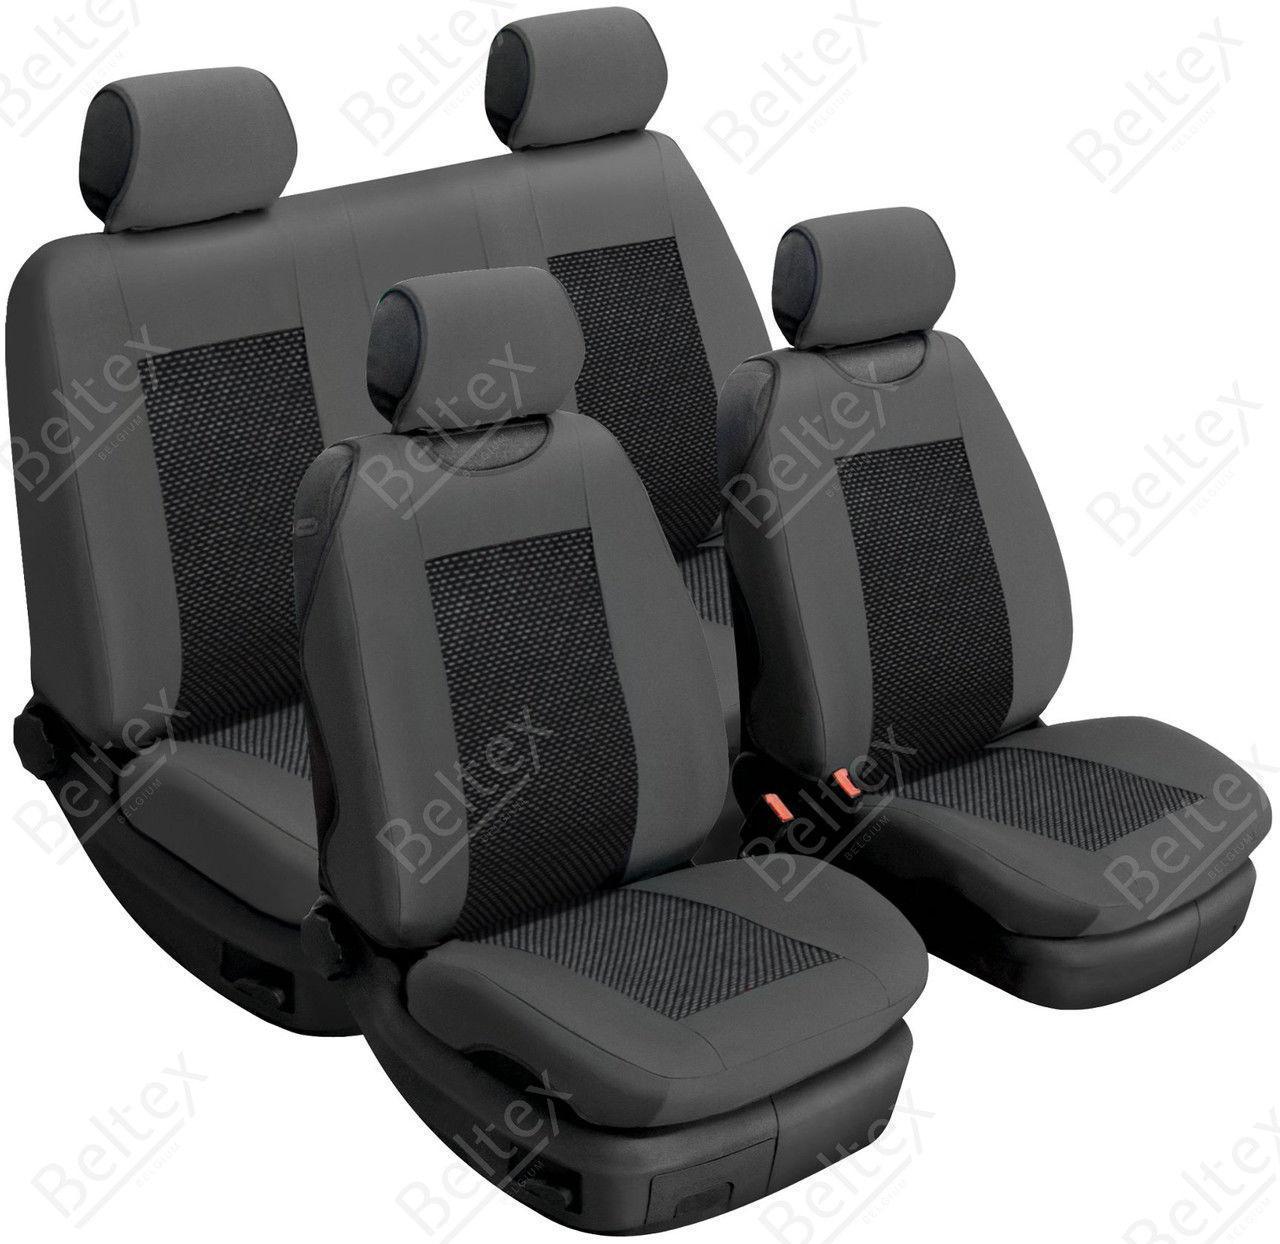 Майки/чехлы на сиденья ВАЗ 2113 (VAZ 2113)